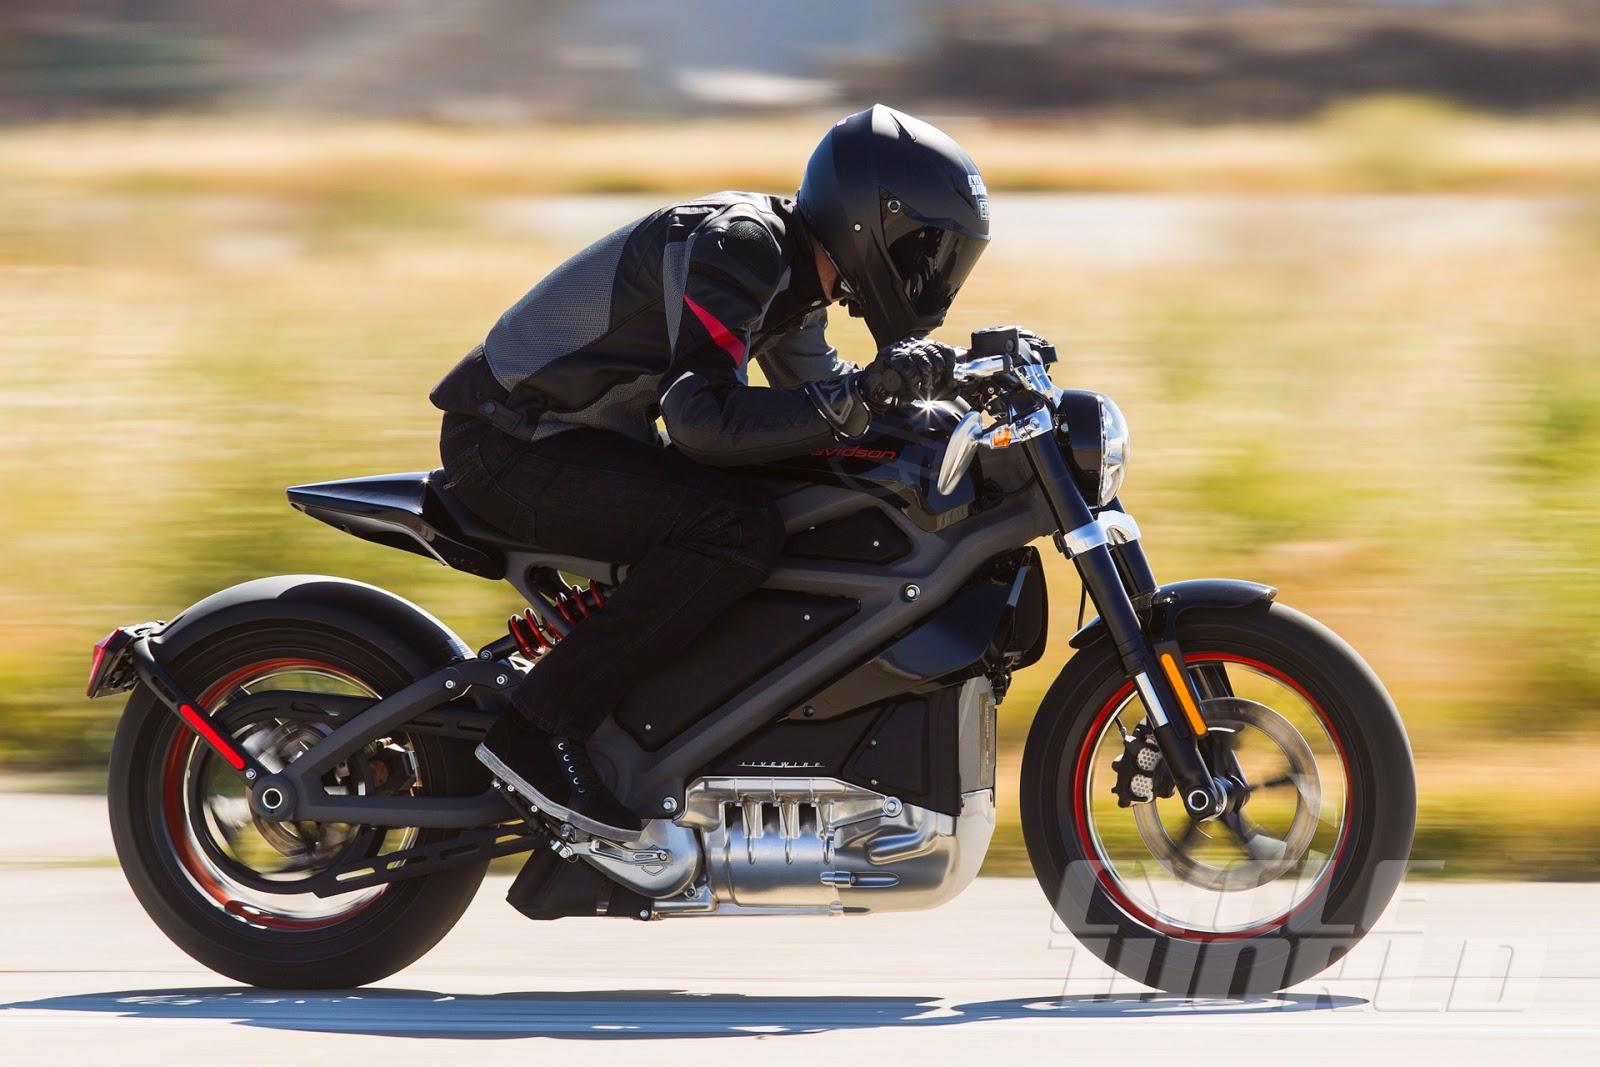 http://motorcyclesky.blogspot.com/olgallery/124304/124322/2